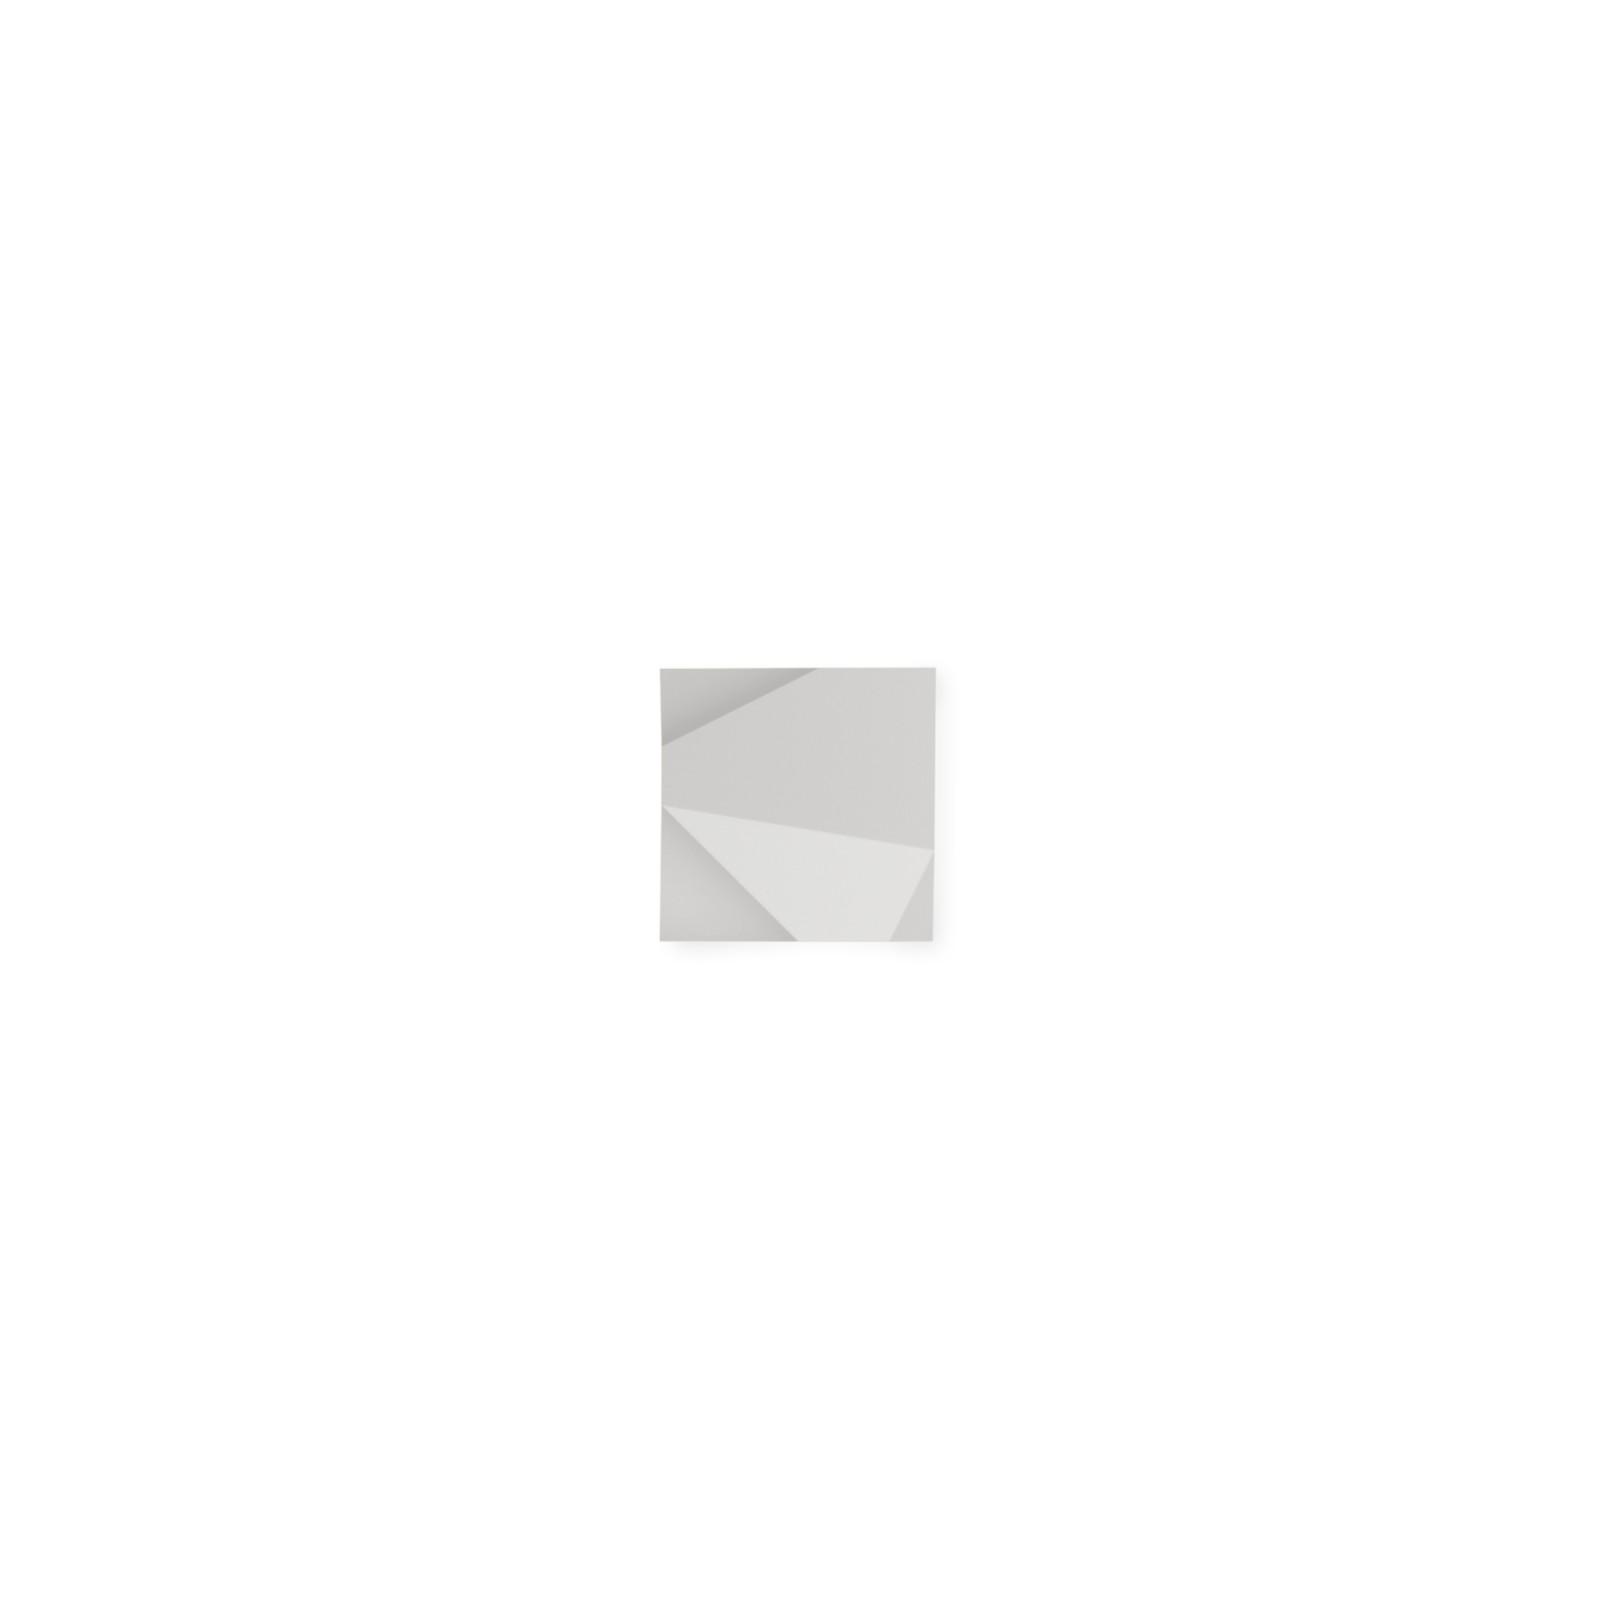 Origami Wall Light - Square Matt White Lacquer, Pattern 1